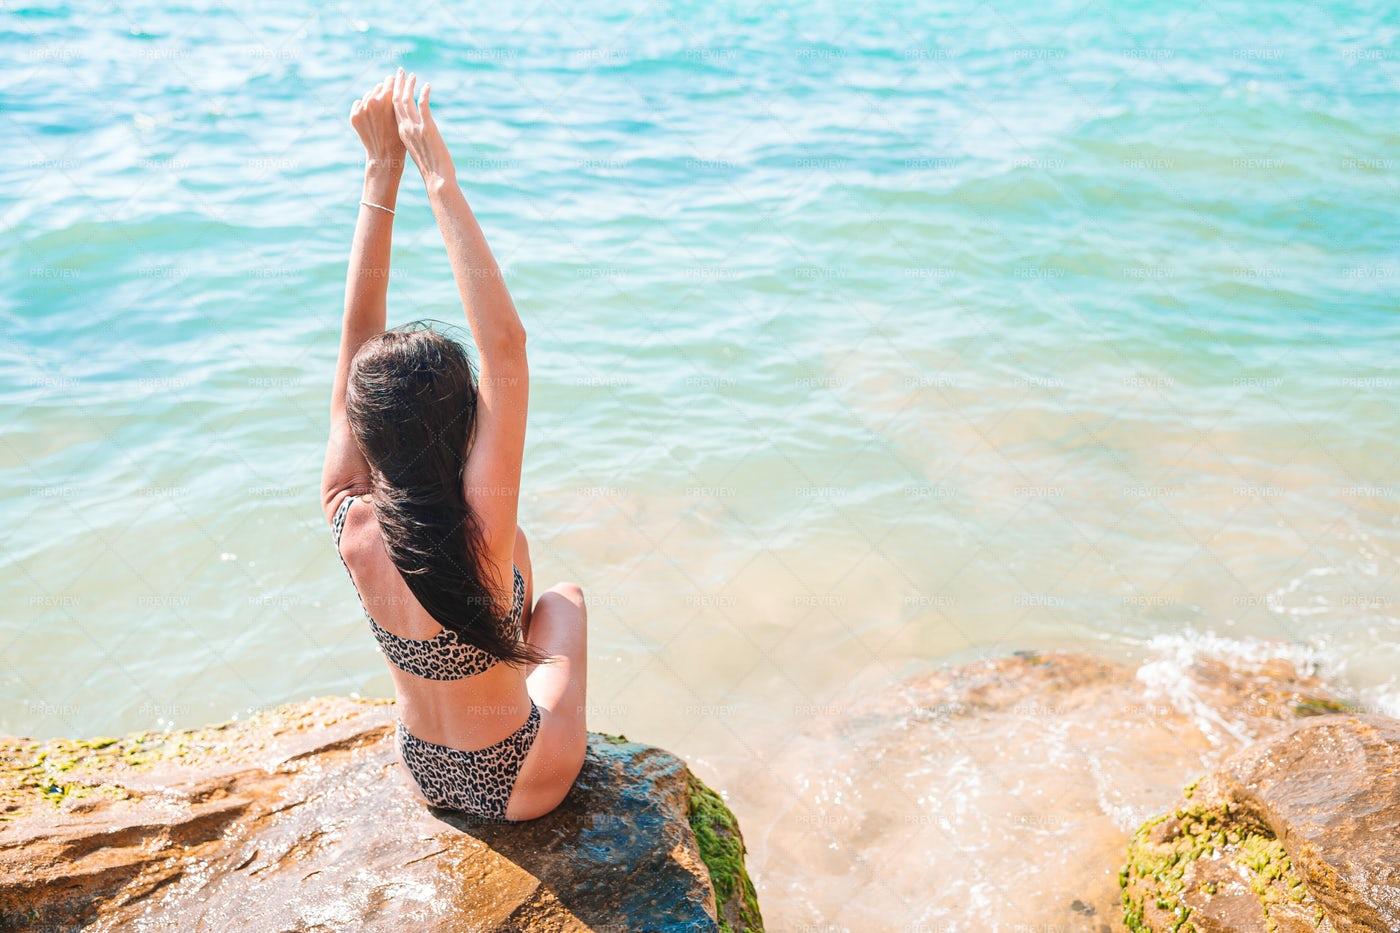 Woman On Rock Along Seashore: Stock Photos